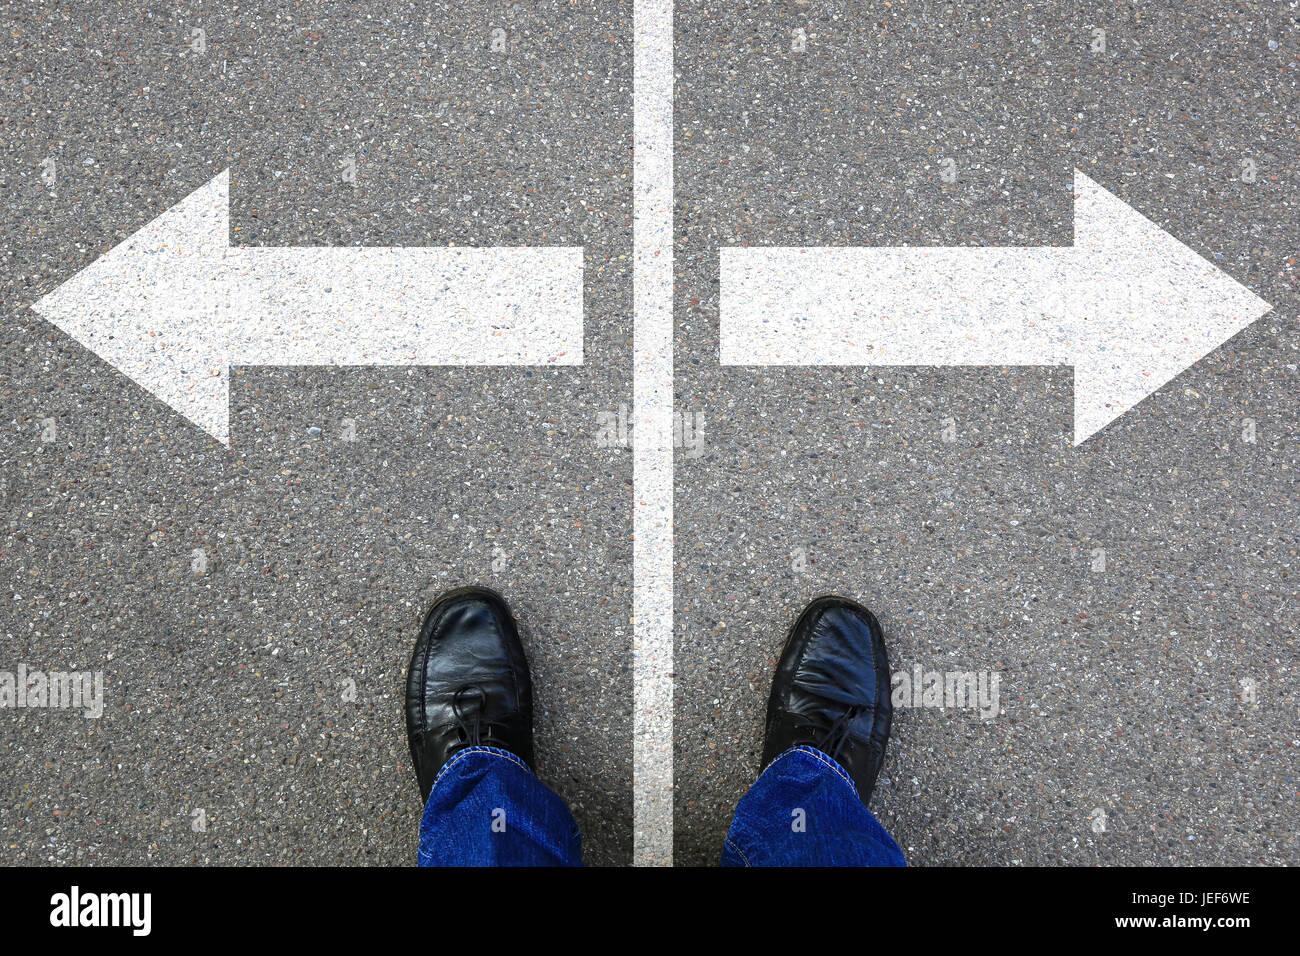 Décision décider d'objectifs d'affaires solution succès travail emploi choix Photo Stock